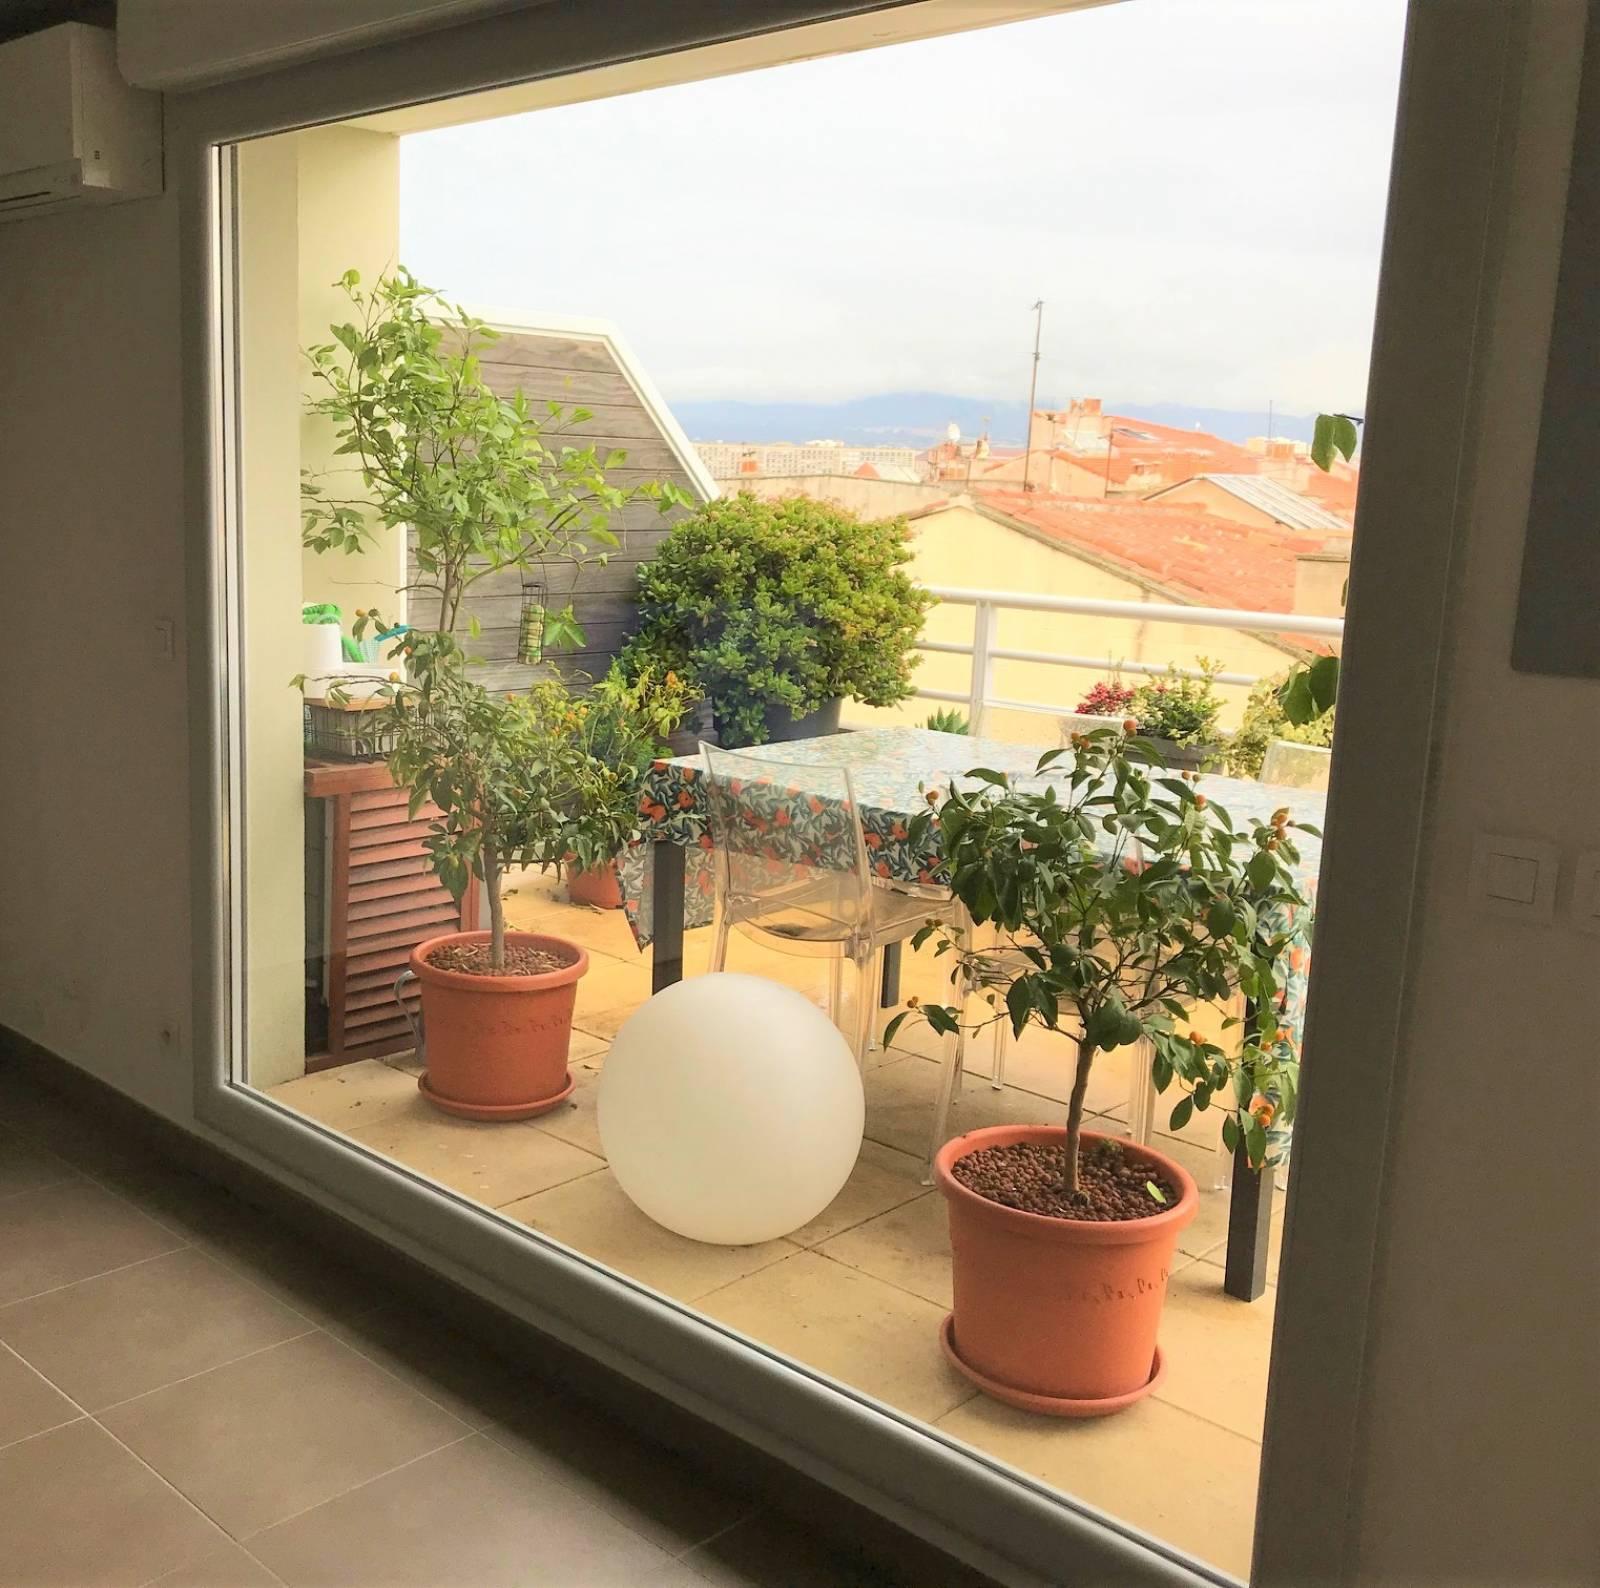 Peindre Fenetre Pvc En Gris vente, fourniture et pose en rénovation d'une fenêtre fixe